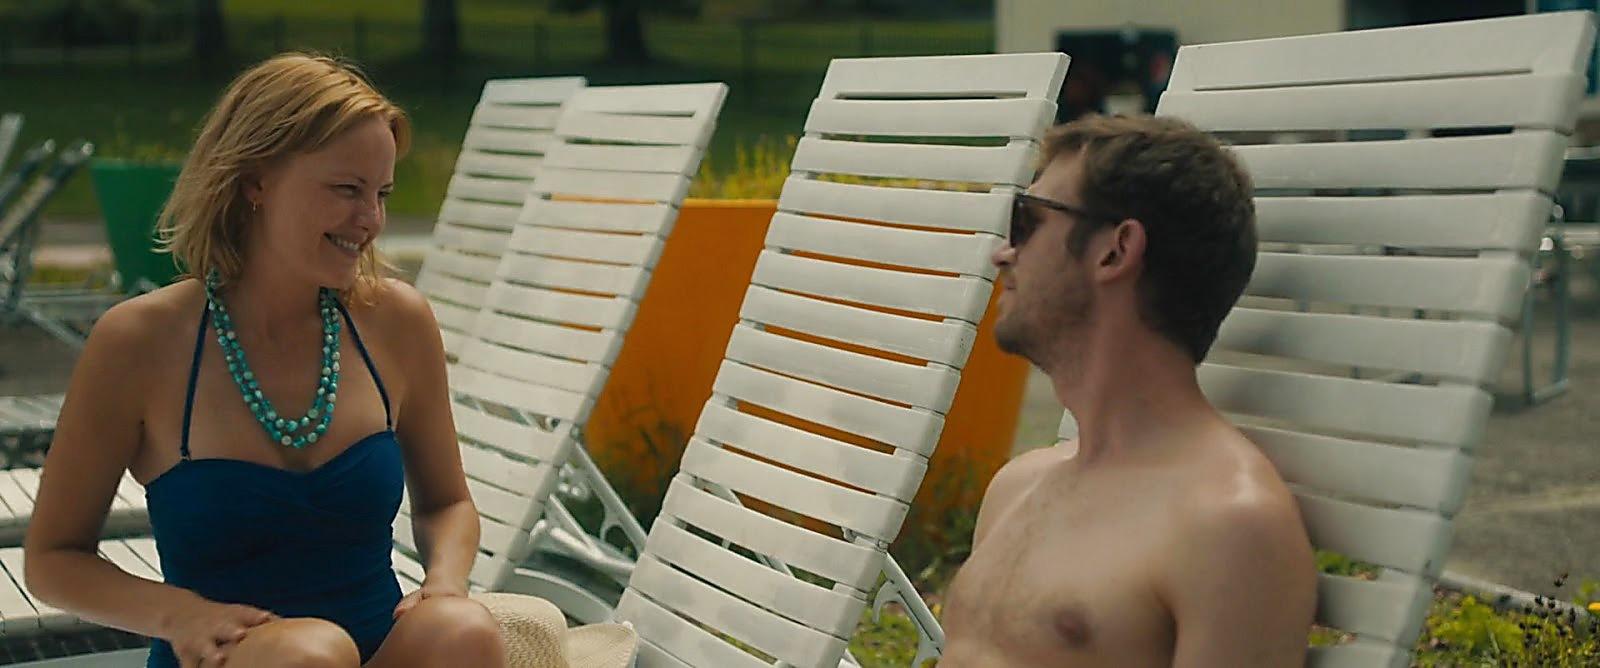 Dan Stevens sexy shirtless scene April 10, 2017, 1pm